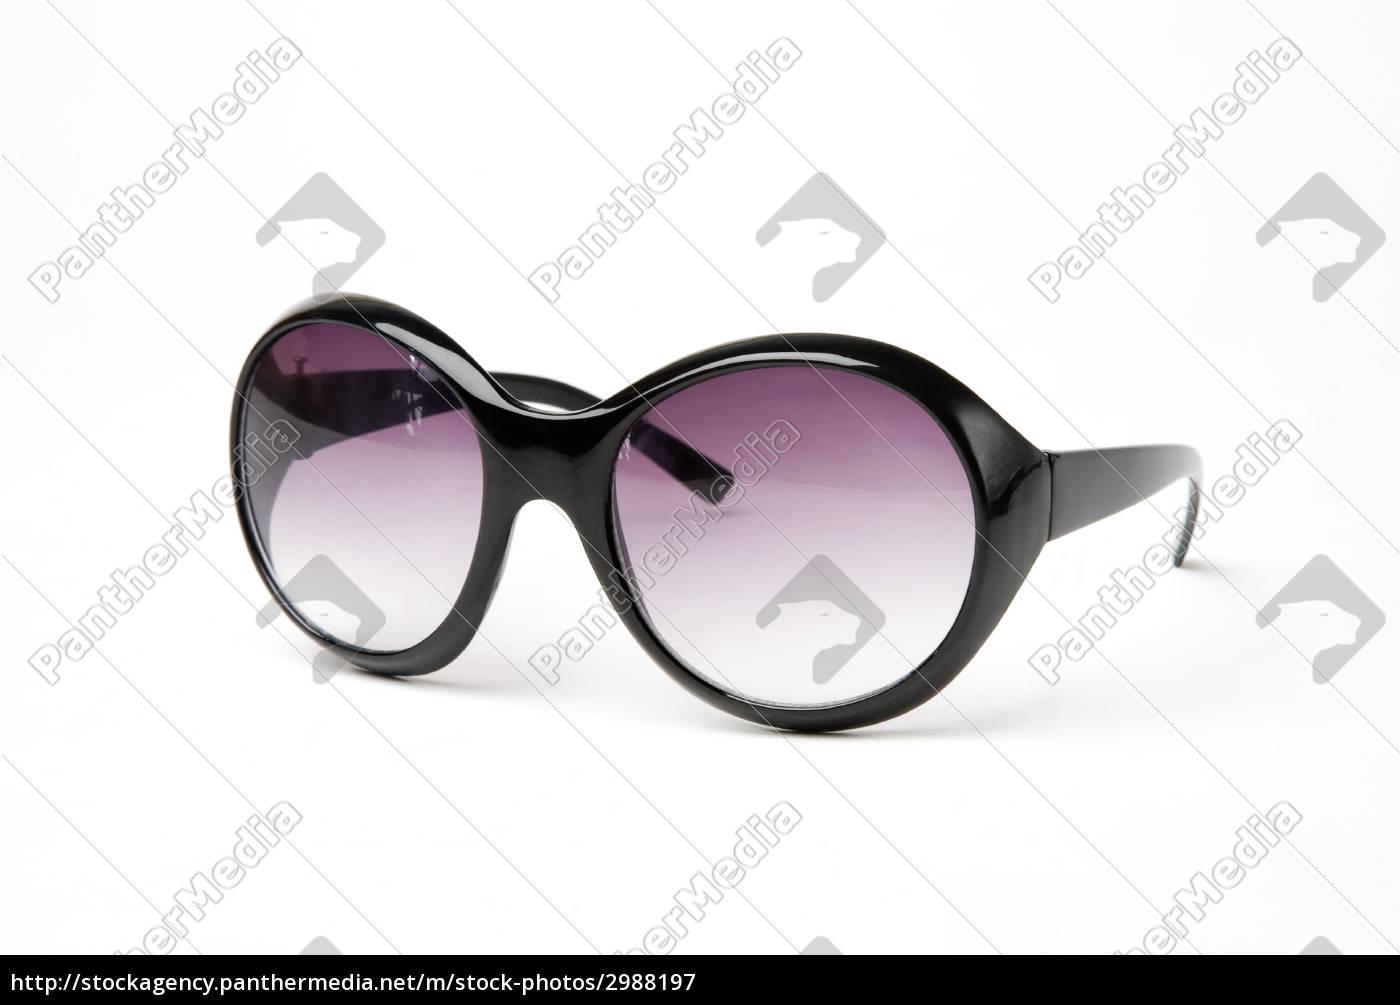 sun, glasses - 2988197